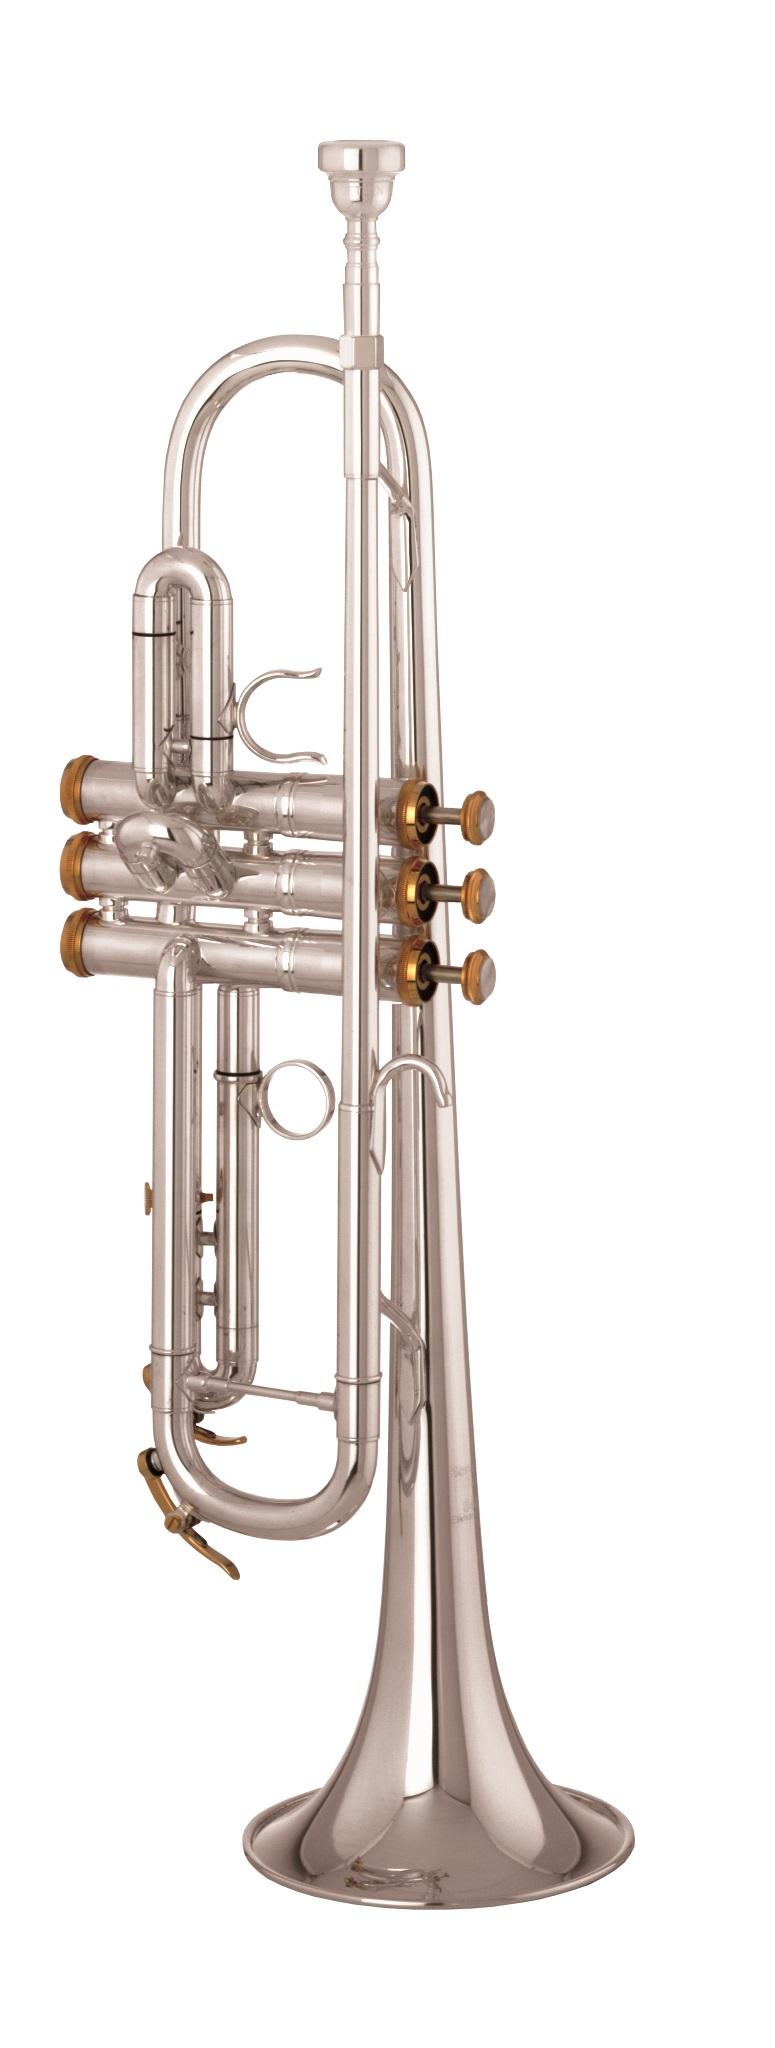 Getzen - 3001 - Blechblasinstrumente - Trompeten mit Perinet-Ventilen | MUSIK BERTRAM Deutschland Freiburg